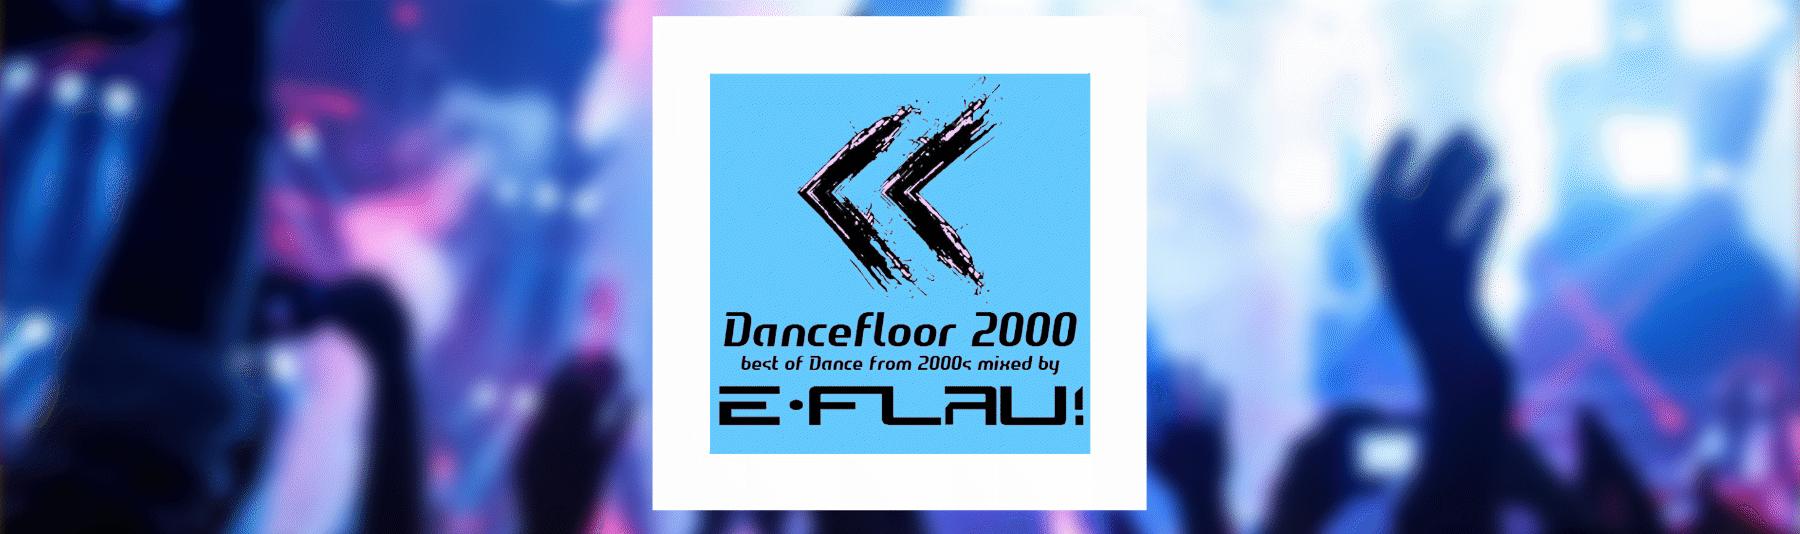 Dance Floor 2000